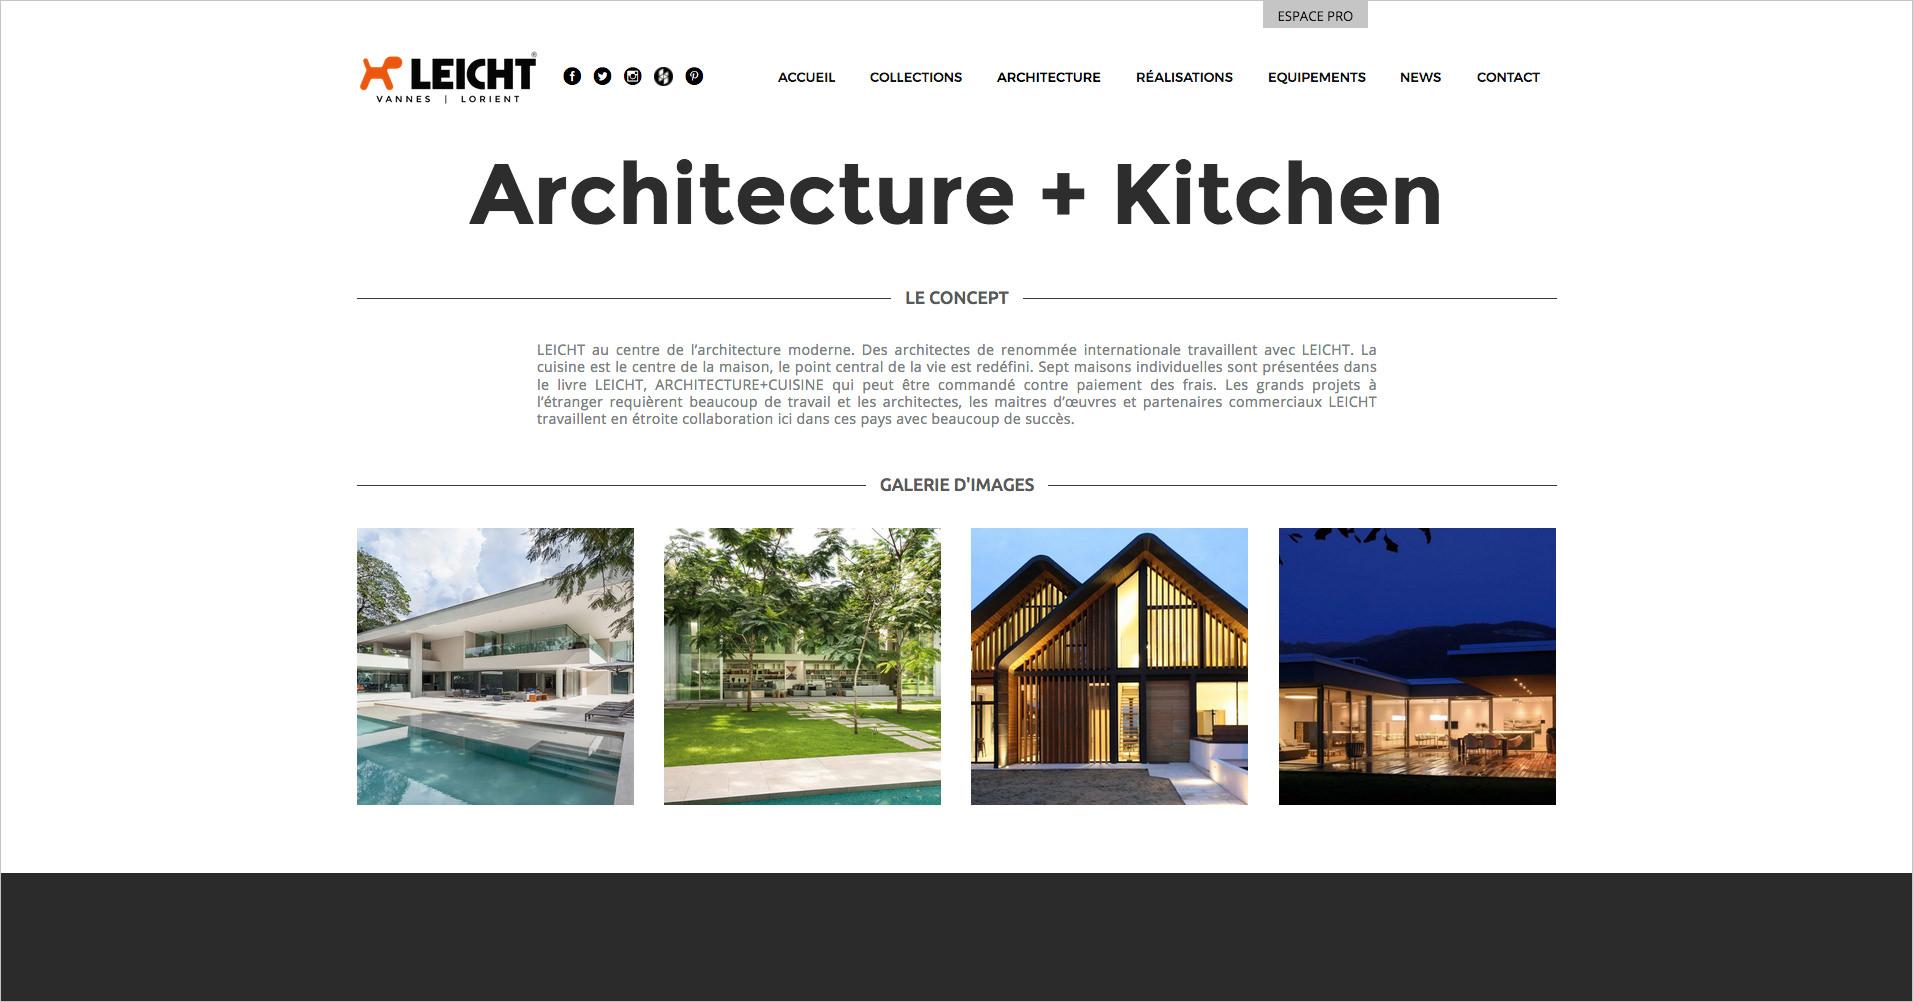 leicht-vannes-ecran-site-web-architecture